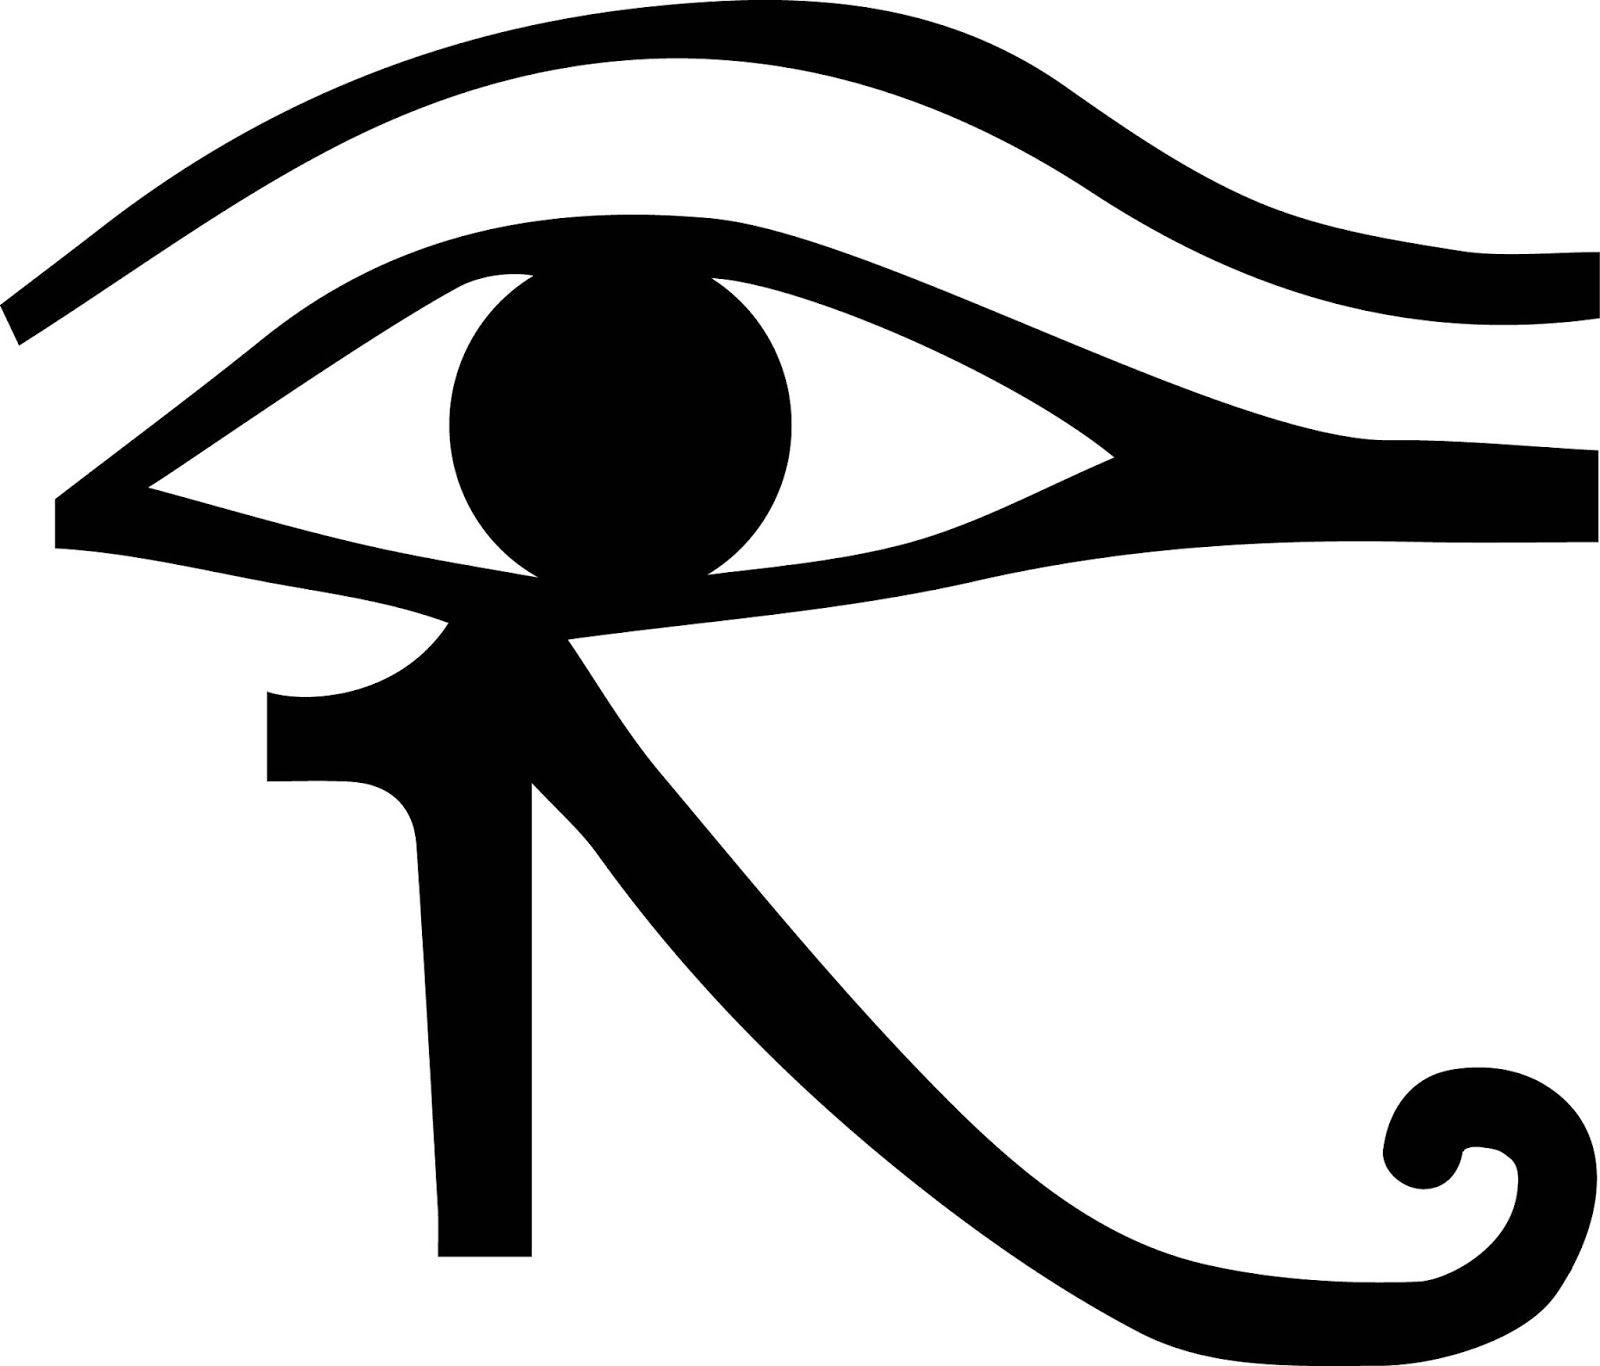 Sticker oeil d horus symbologie pinterest le nouvel ordre mondial nouvel ordre mondial et - Oeil d horus tatouage ...